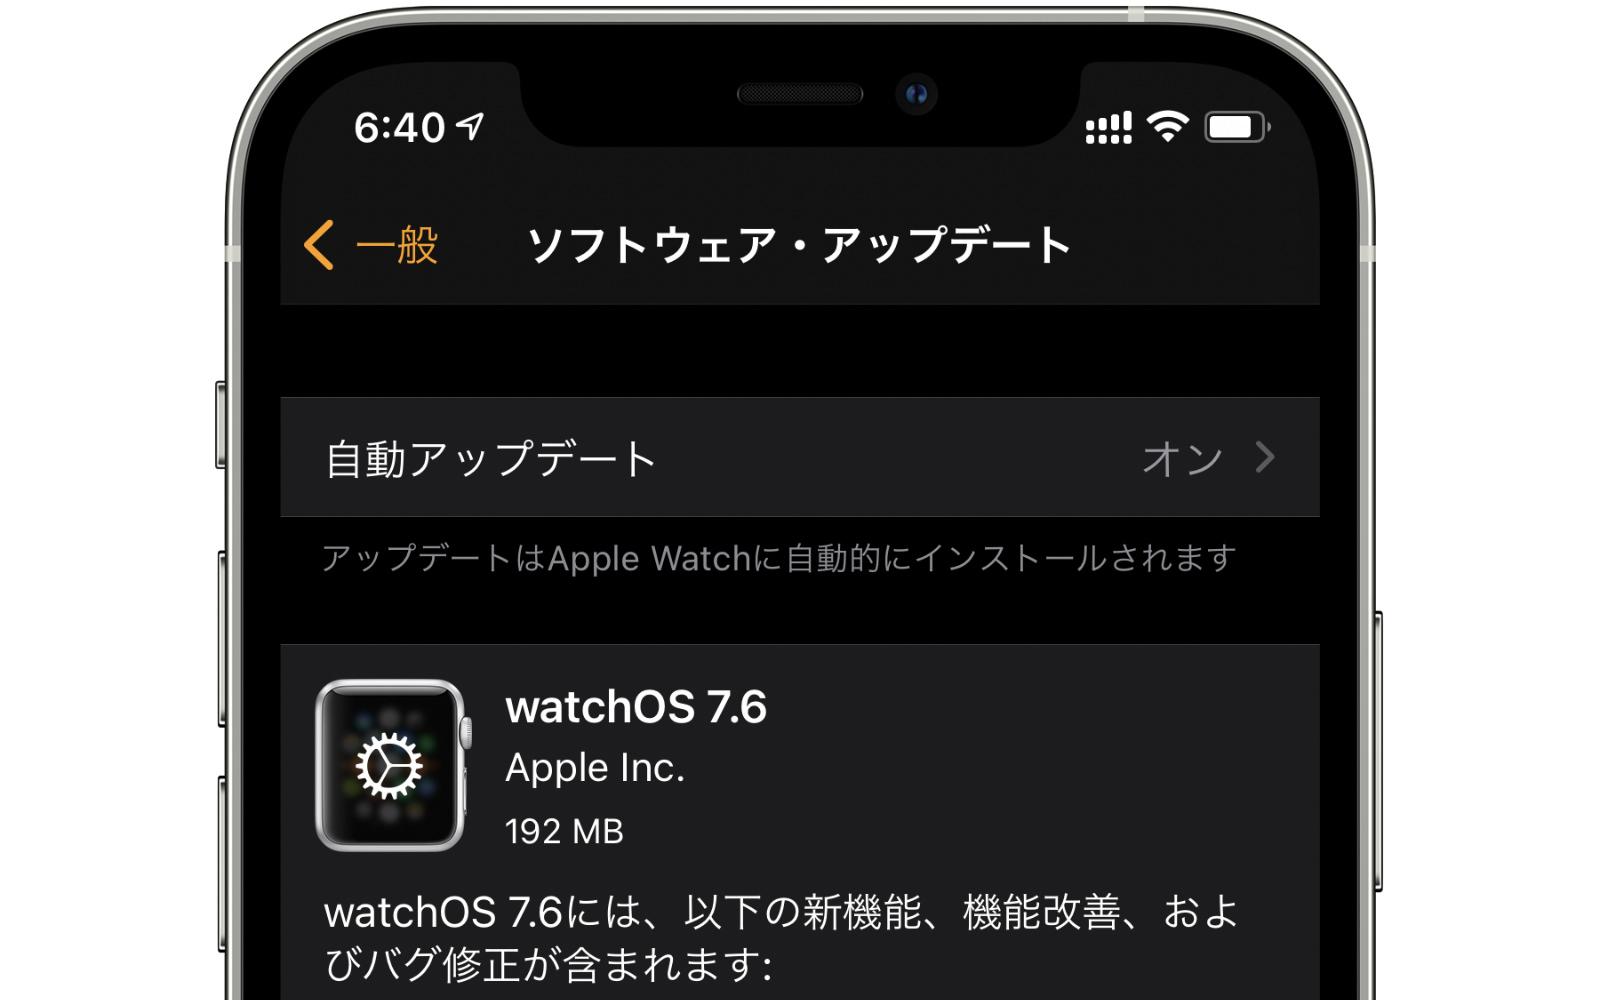 WatchOS7 6 update